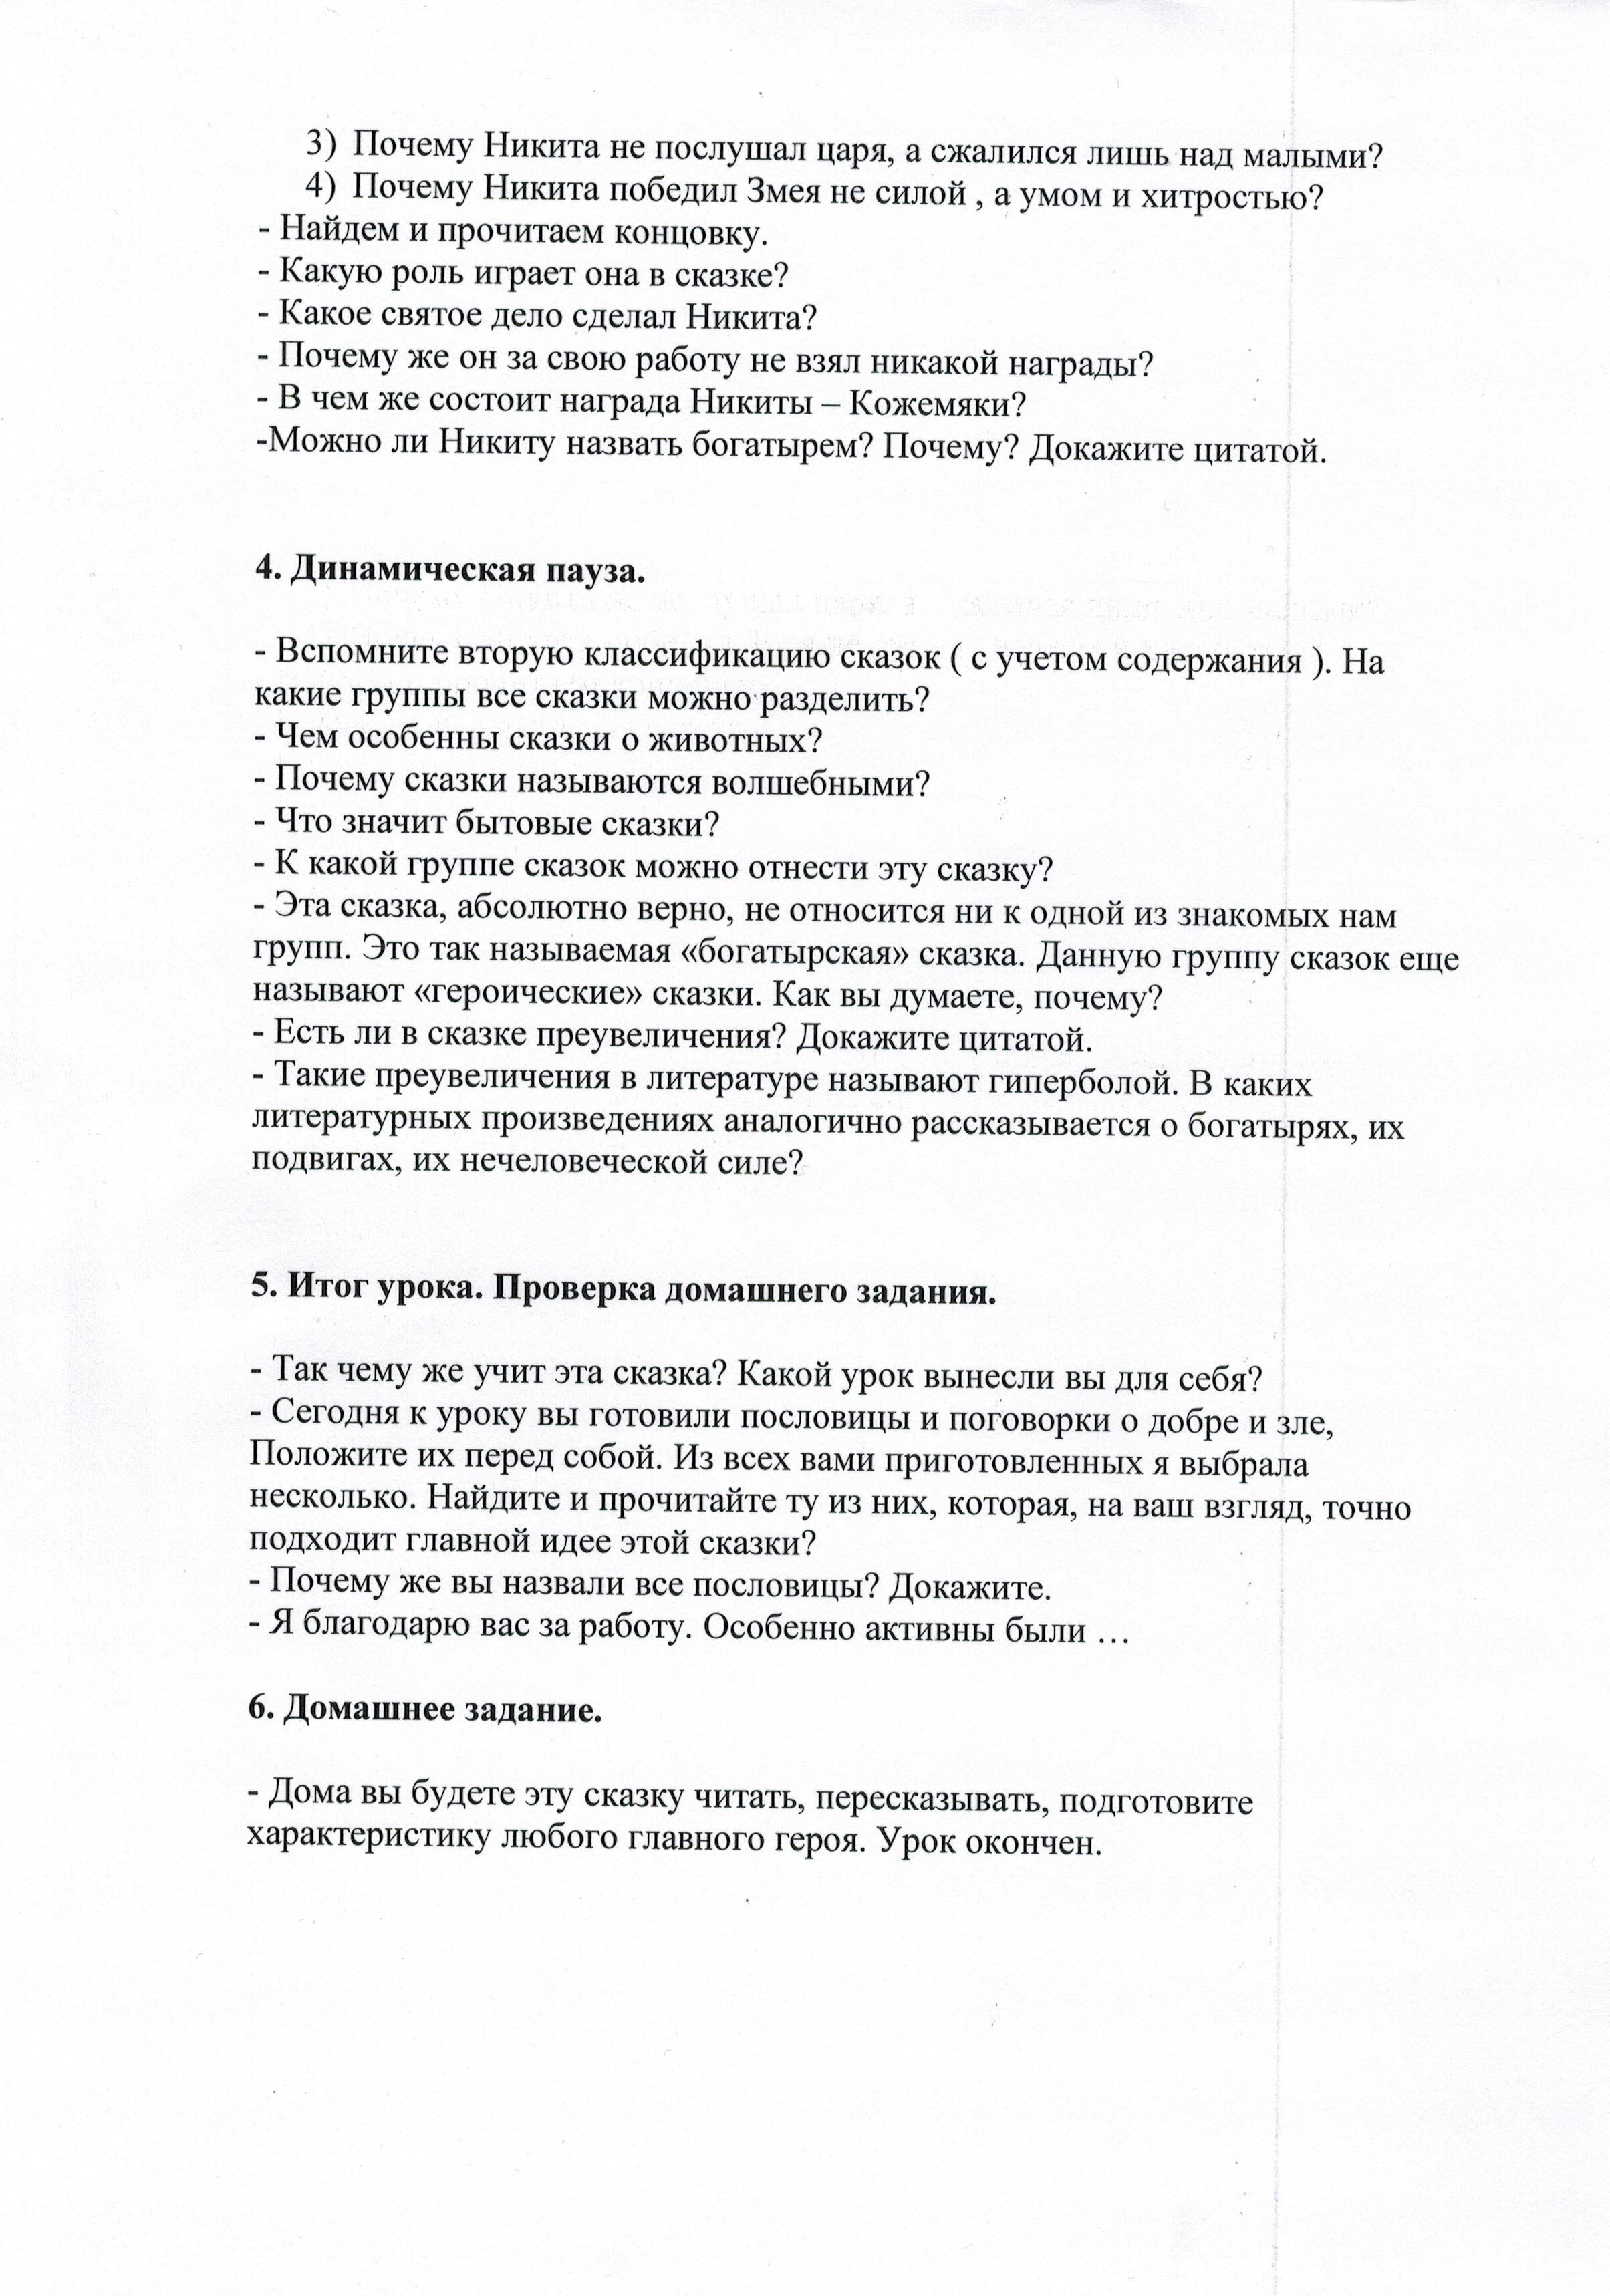 C:\Users\Ученик\Desktop\урок лит.чт 2 кл\CCI06032016_0011.jpg